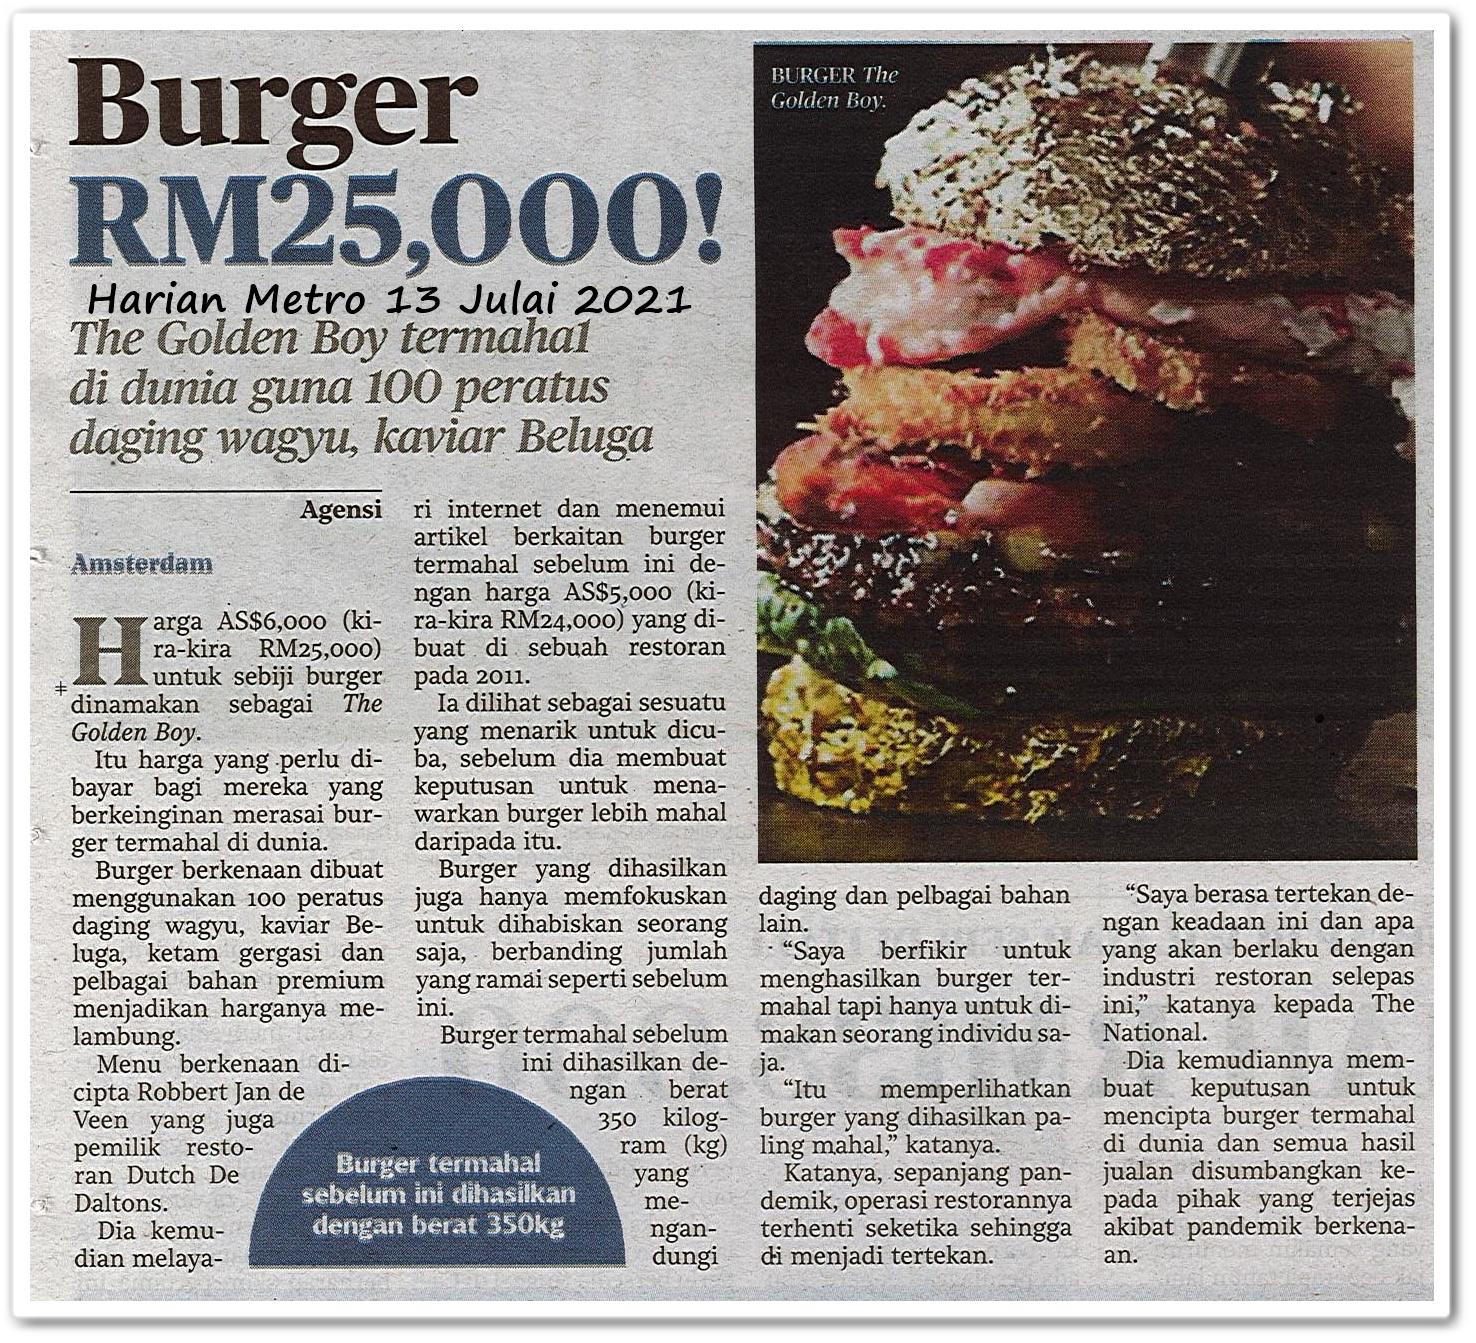 Burger RM25,000! - Keratan akhbar Harian Metro 13 Julai 2021